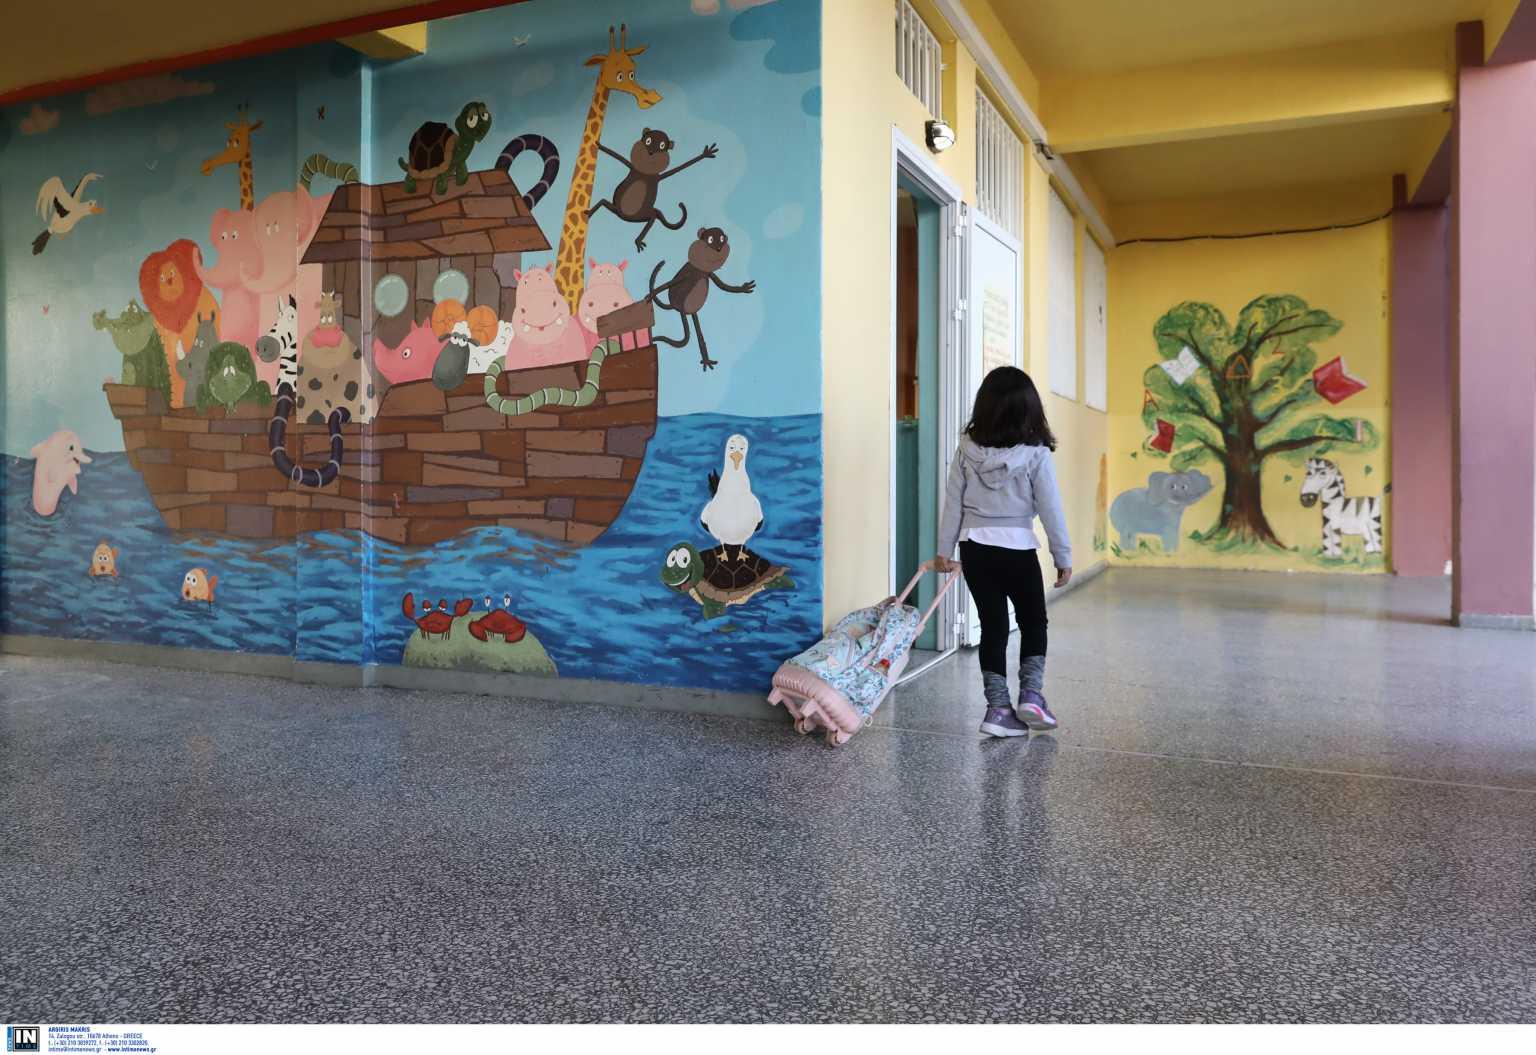 Δήμος Αρχανών – Αστερουσίων: Να κλείσουν τα σχολεία στις Αρχάνες λόγω κρουσμάτων